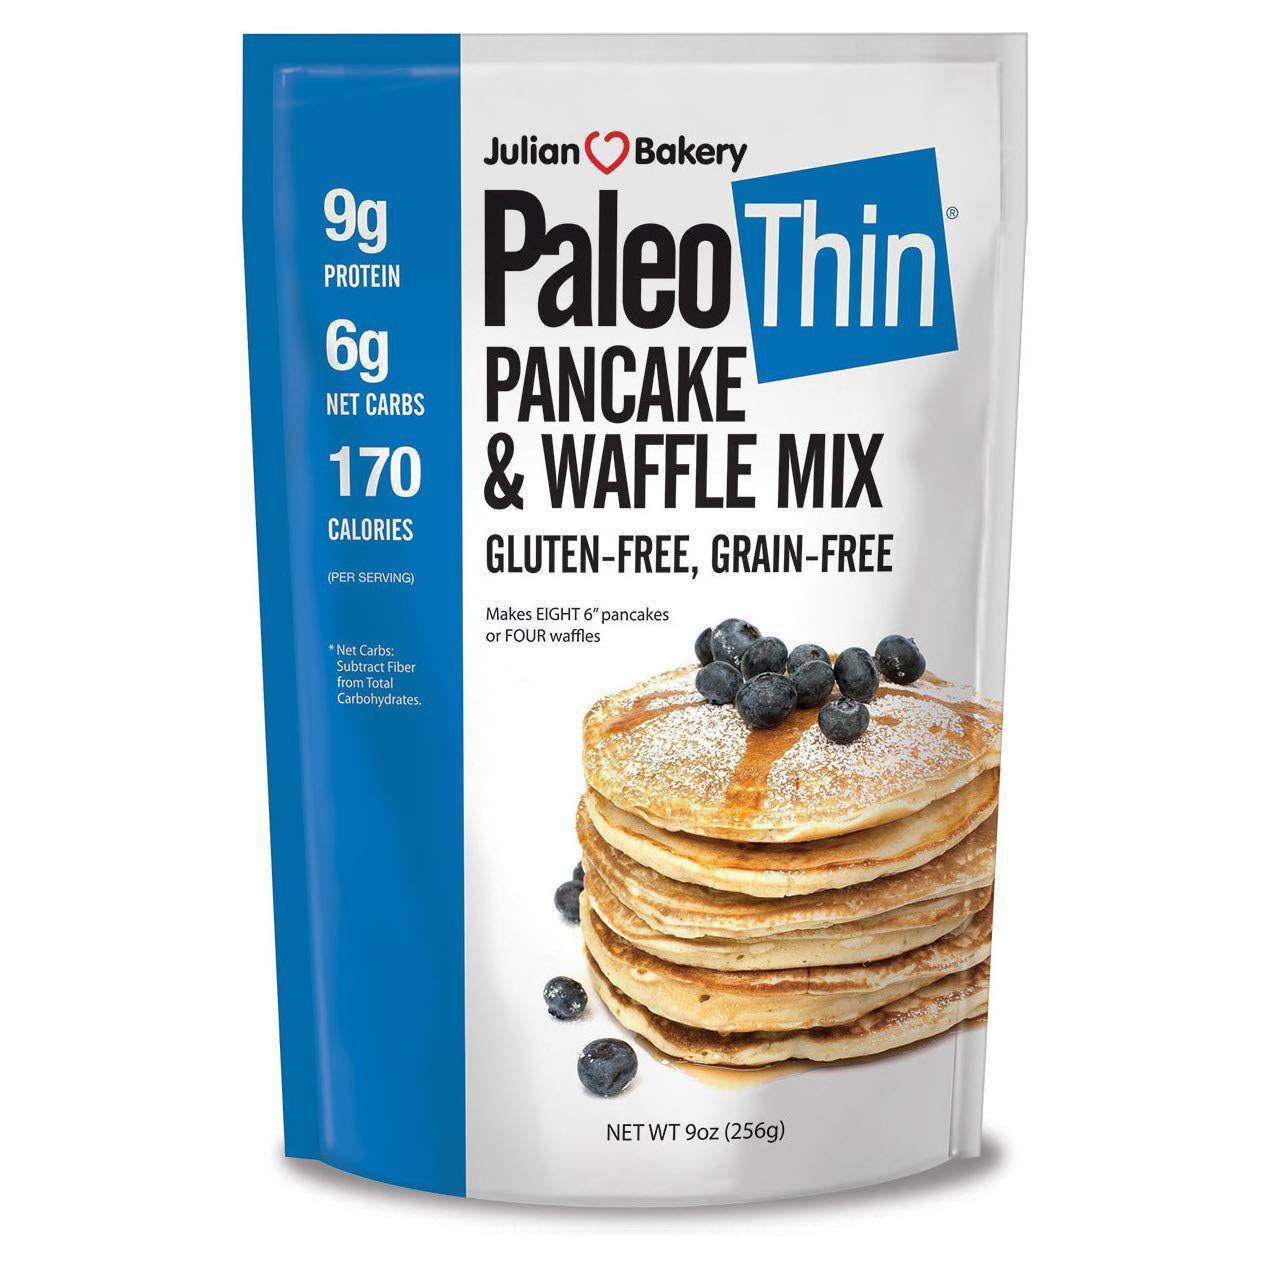 Julian Bakery Paleo Thin Pancake & Waffle Mix